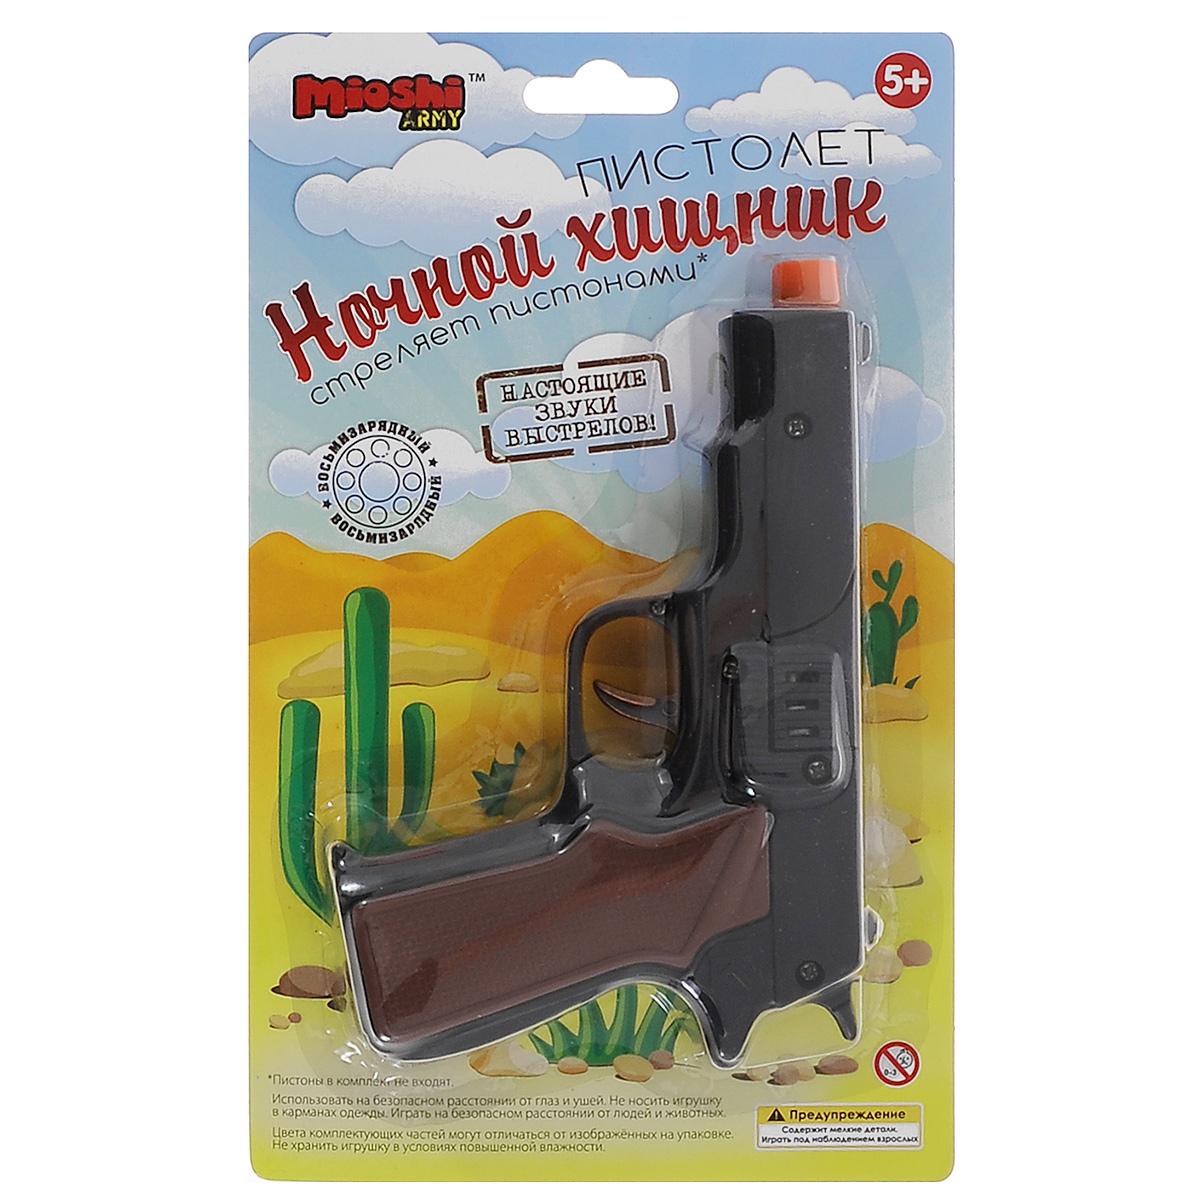 цена на Пистолет Mioshi Army Ночной хищник, цвет: черный